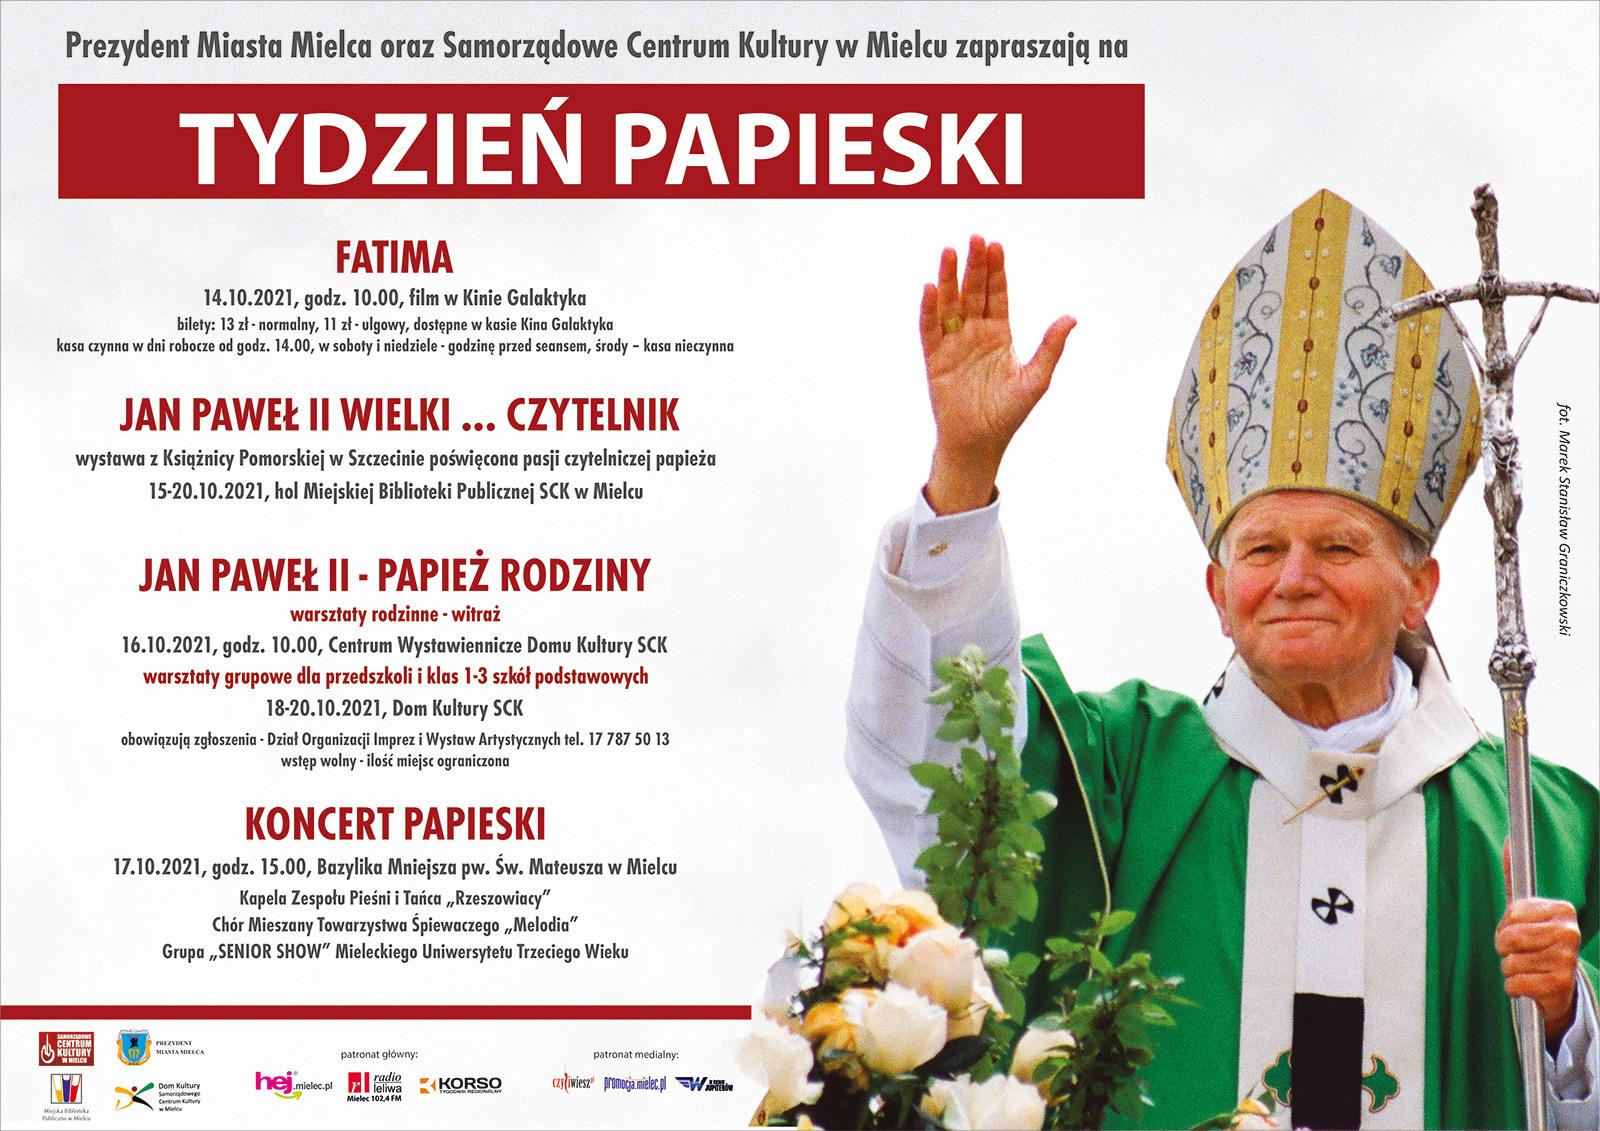 Tydzień Papieski w Mielcu. Warsztaty i koncerty dla dzieci i dorosłych [PLAKAT] - Zdjęcie główne